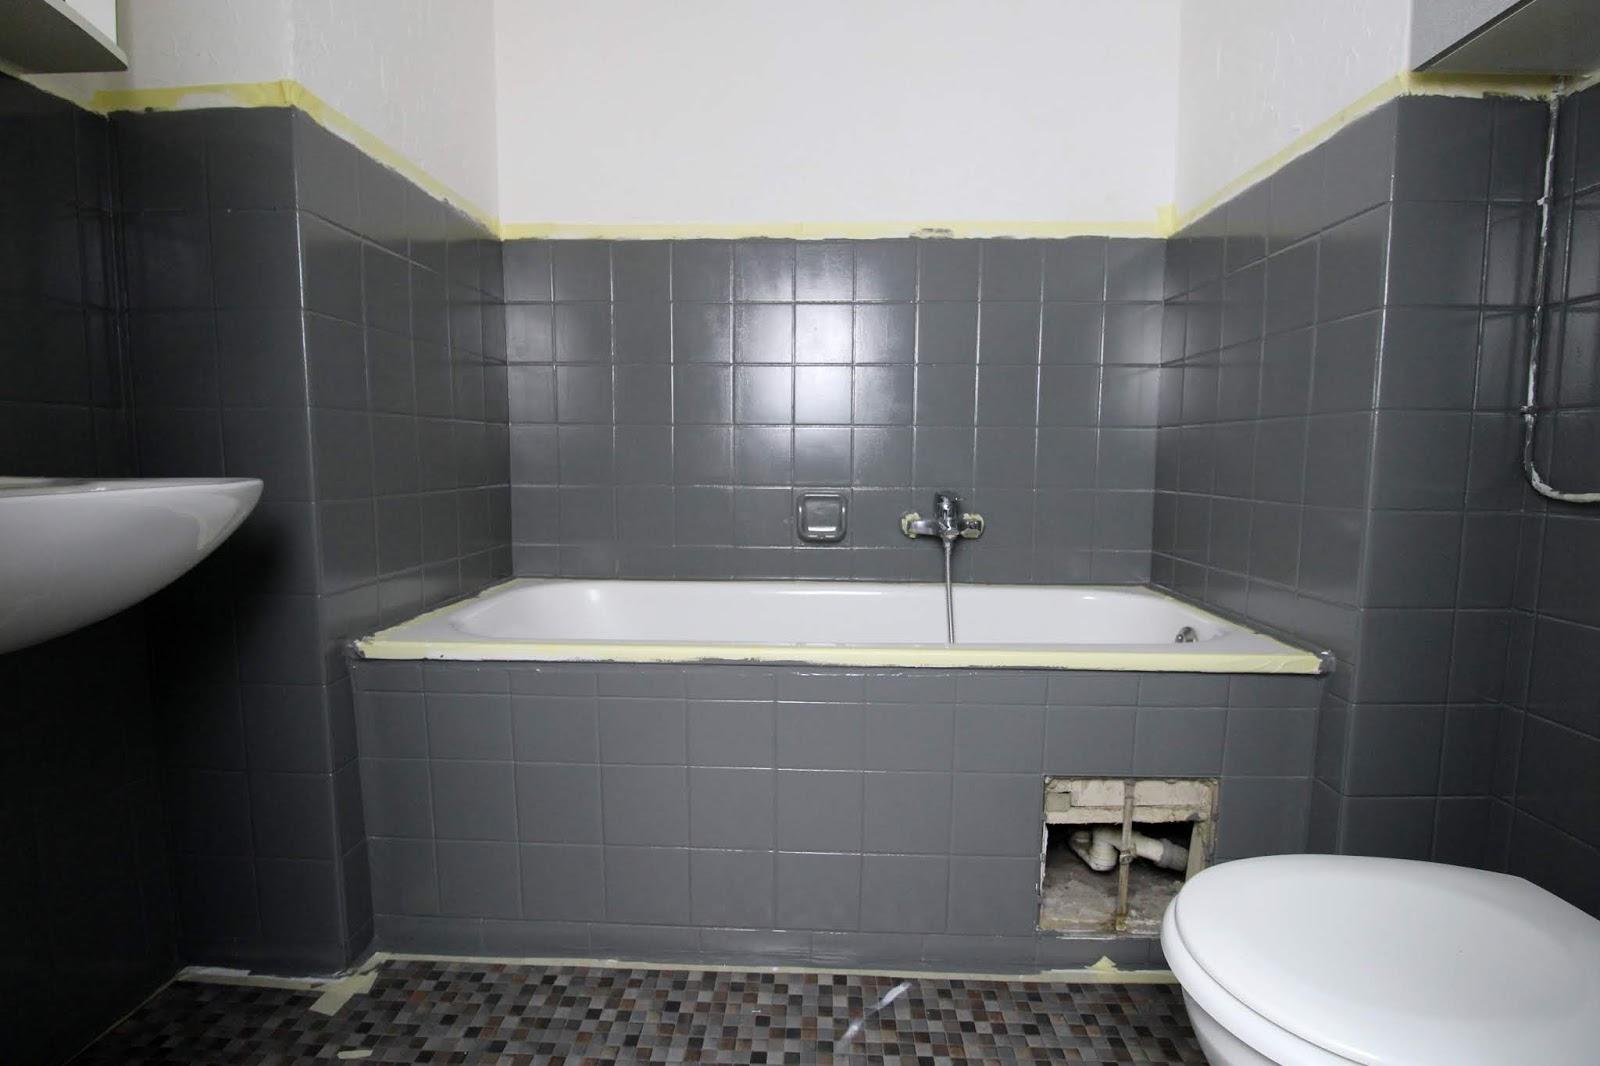 Schöner Wohnen Badezimmer Vorher Nachher